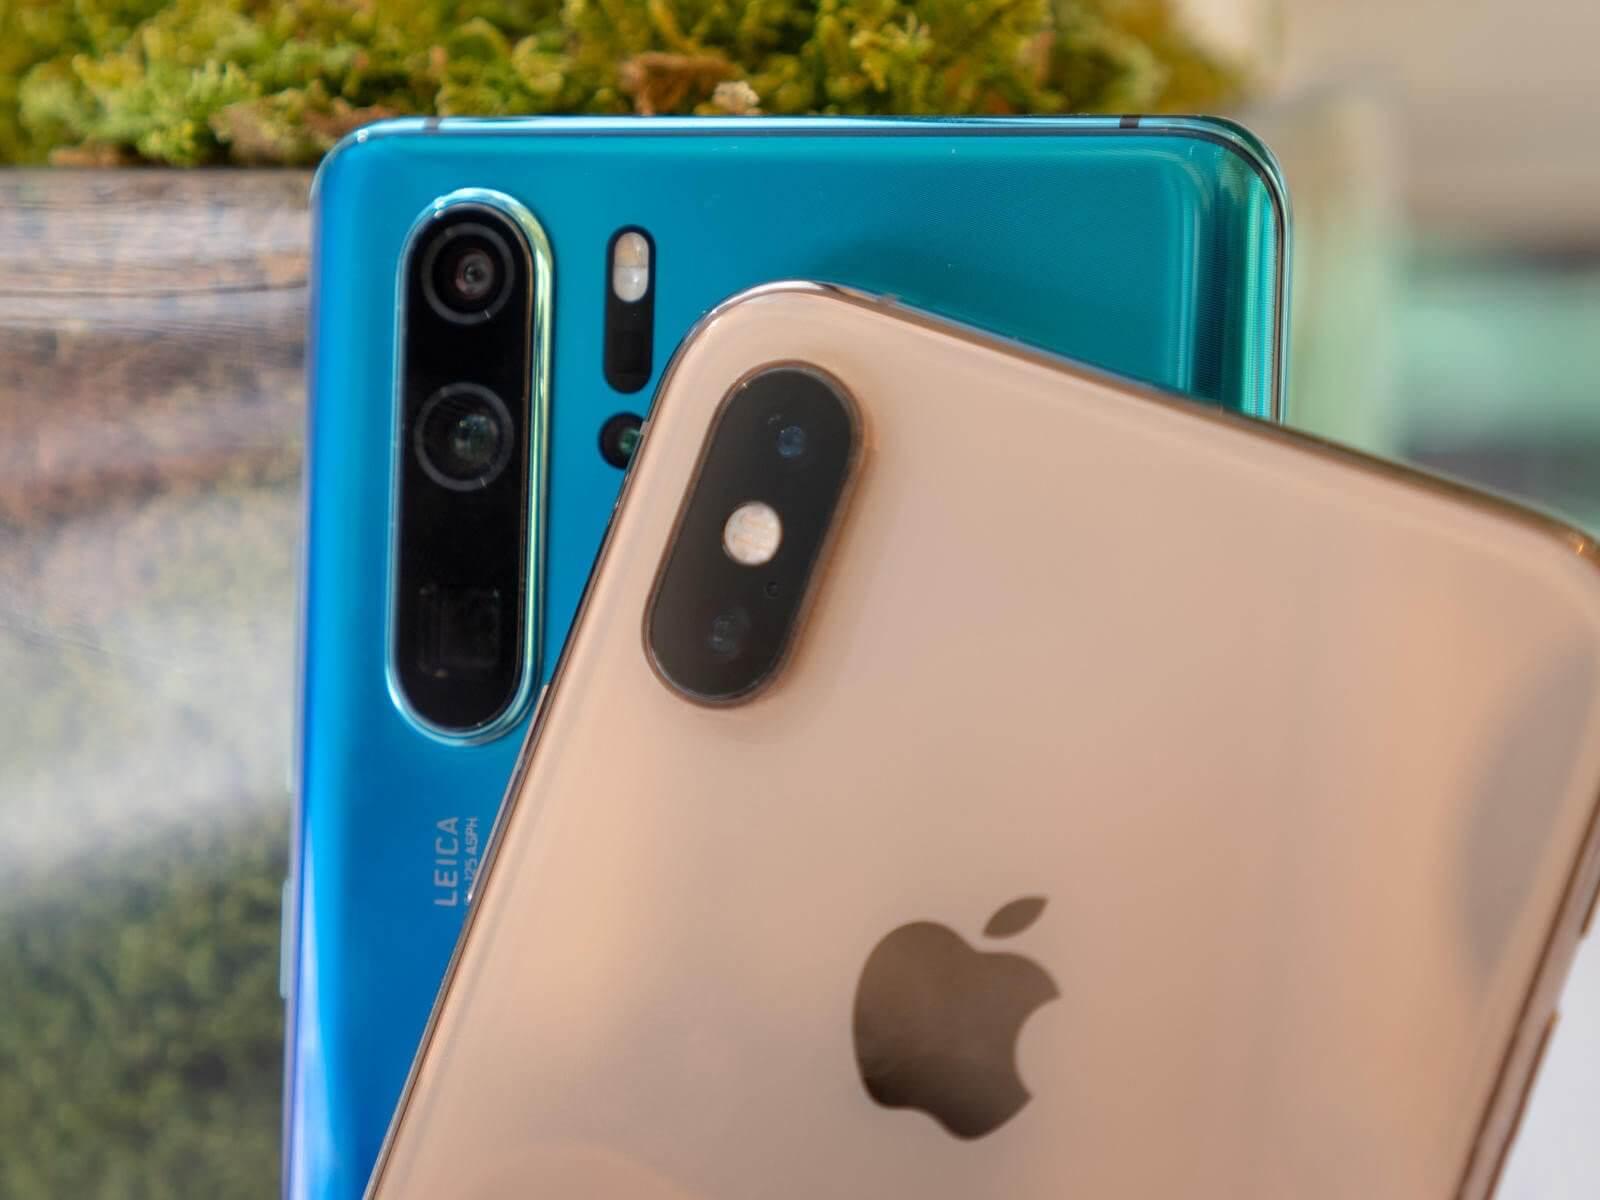 iPhone XS превзошел своего главного конкурента в «слепом» тесте камер